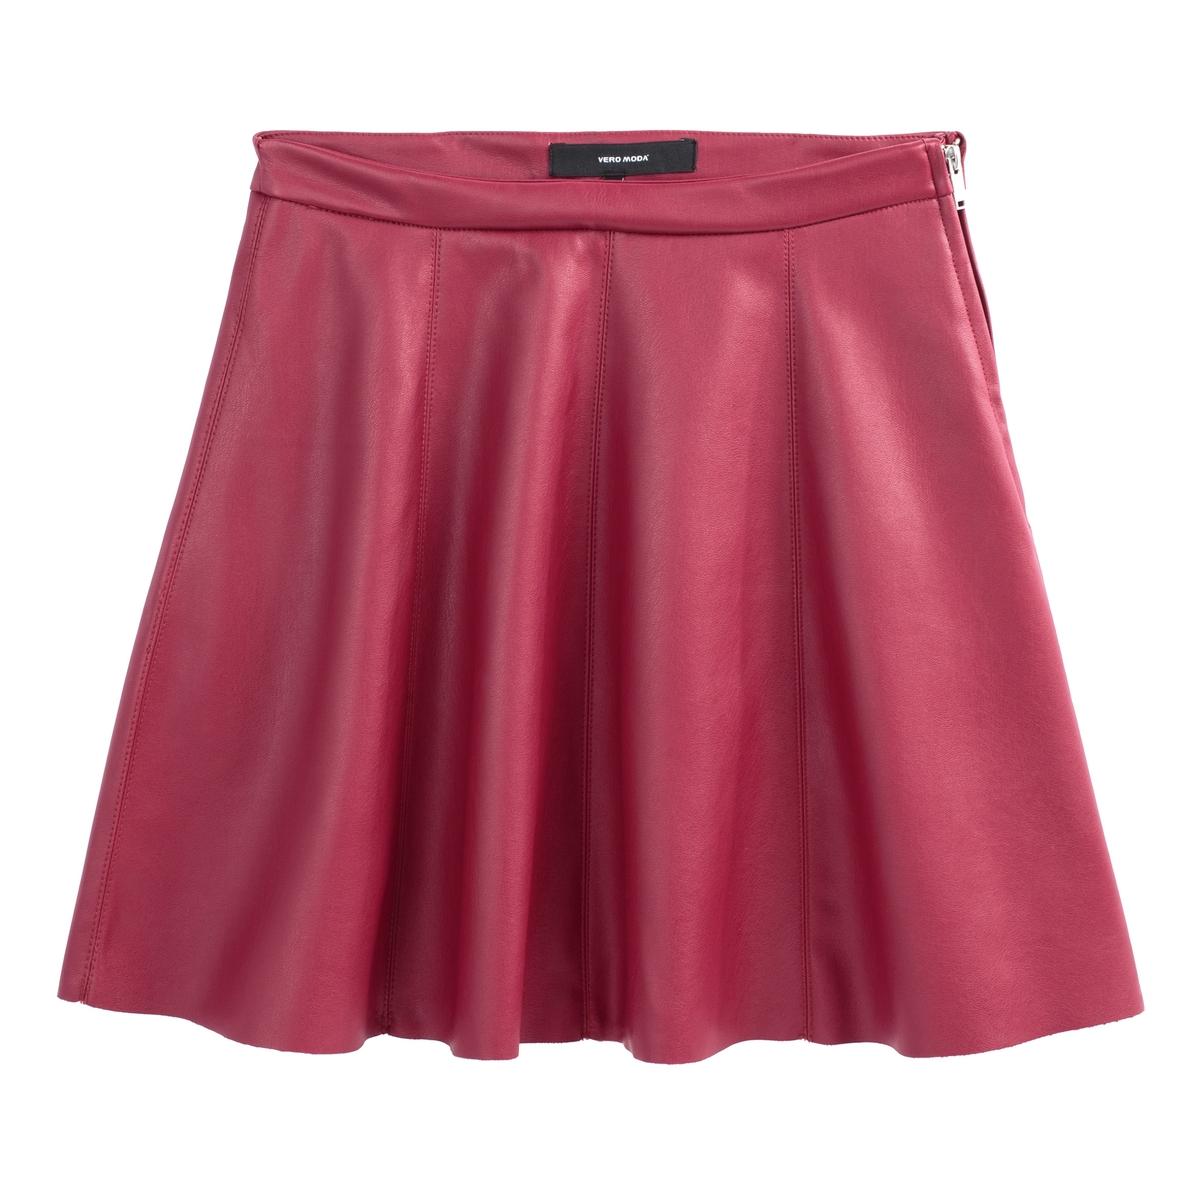 Юбка-трапеция La Redoute Короткая из искусственной кожи XS красный юбка la redoute короткая с завышенной талией и цветочным рисунком xs зеленый